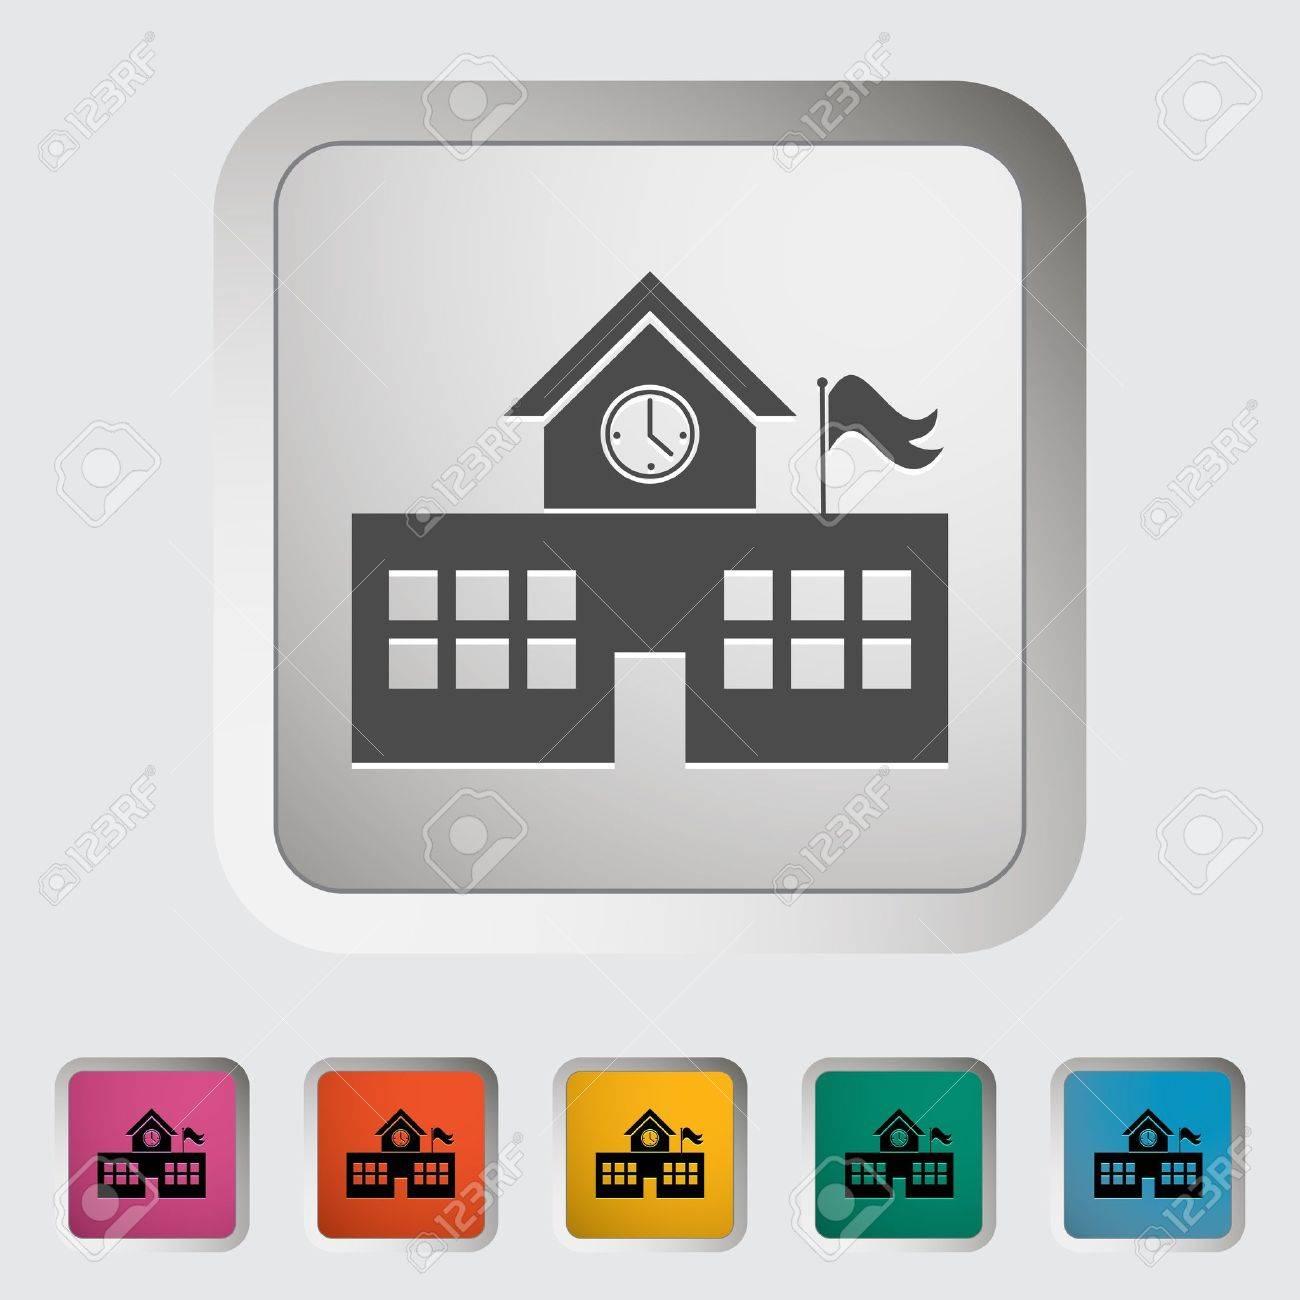 School building. Single icon. Vector illustration. Stock Vector - 18564108